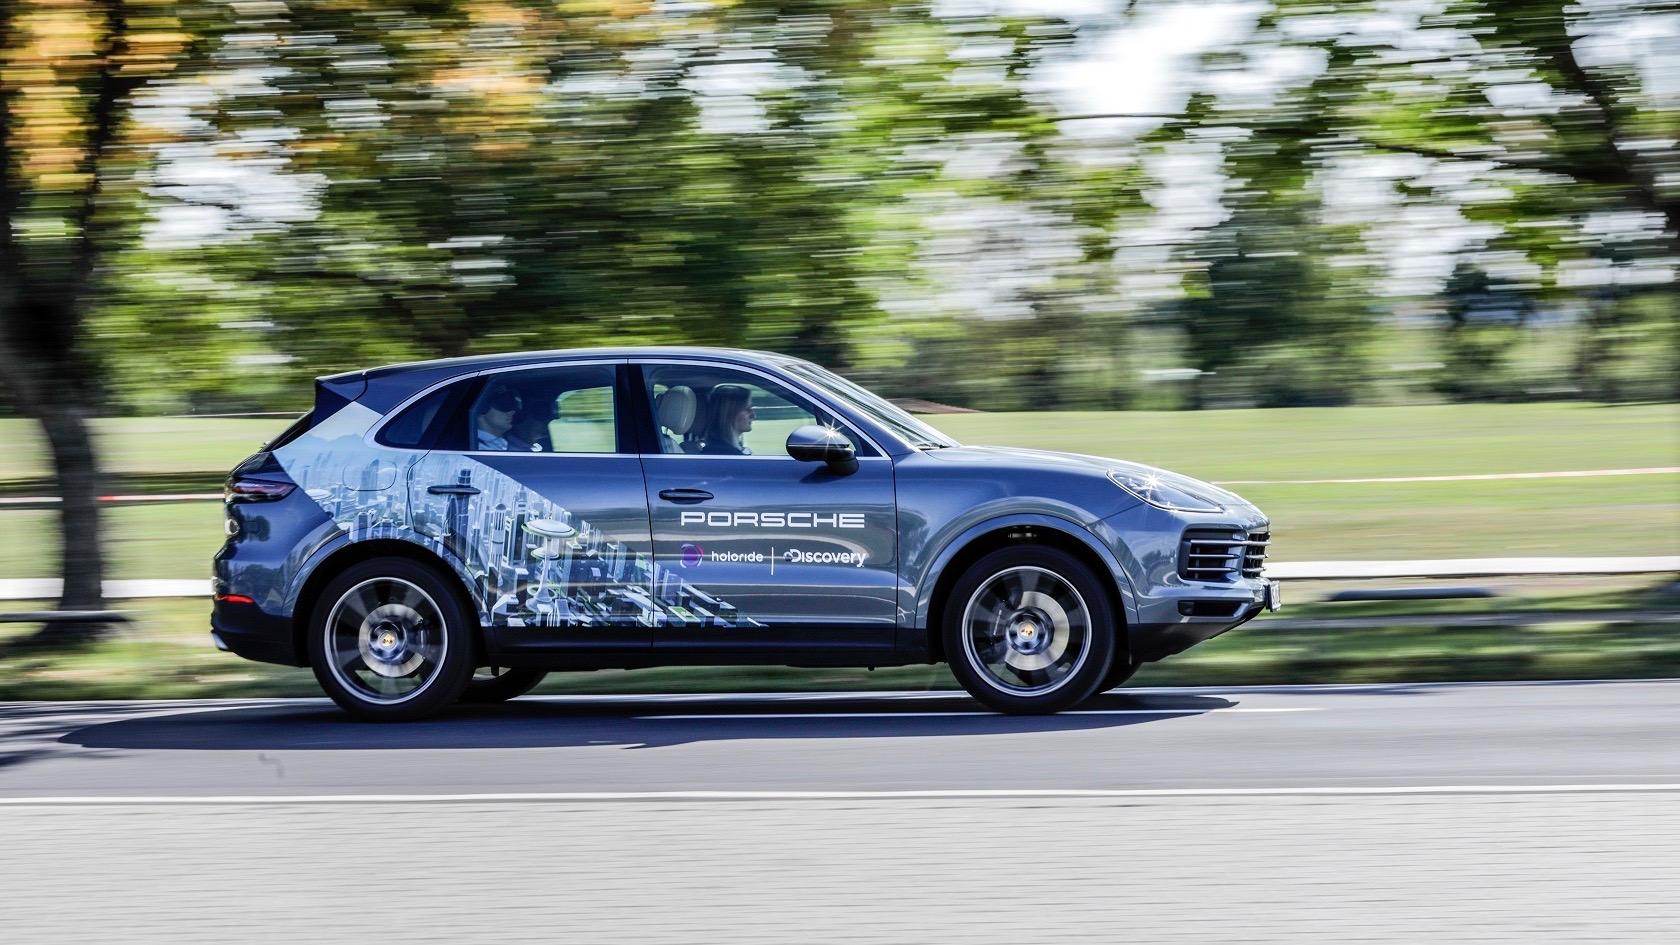 Porsche, Holoride y Discovery presentan una nueva solución de realidad virtual